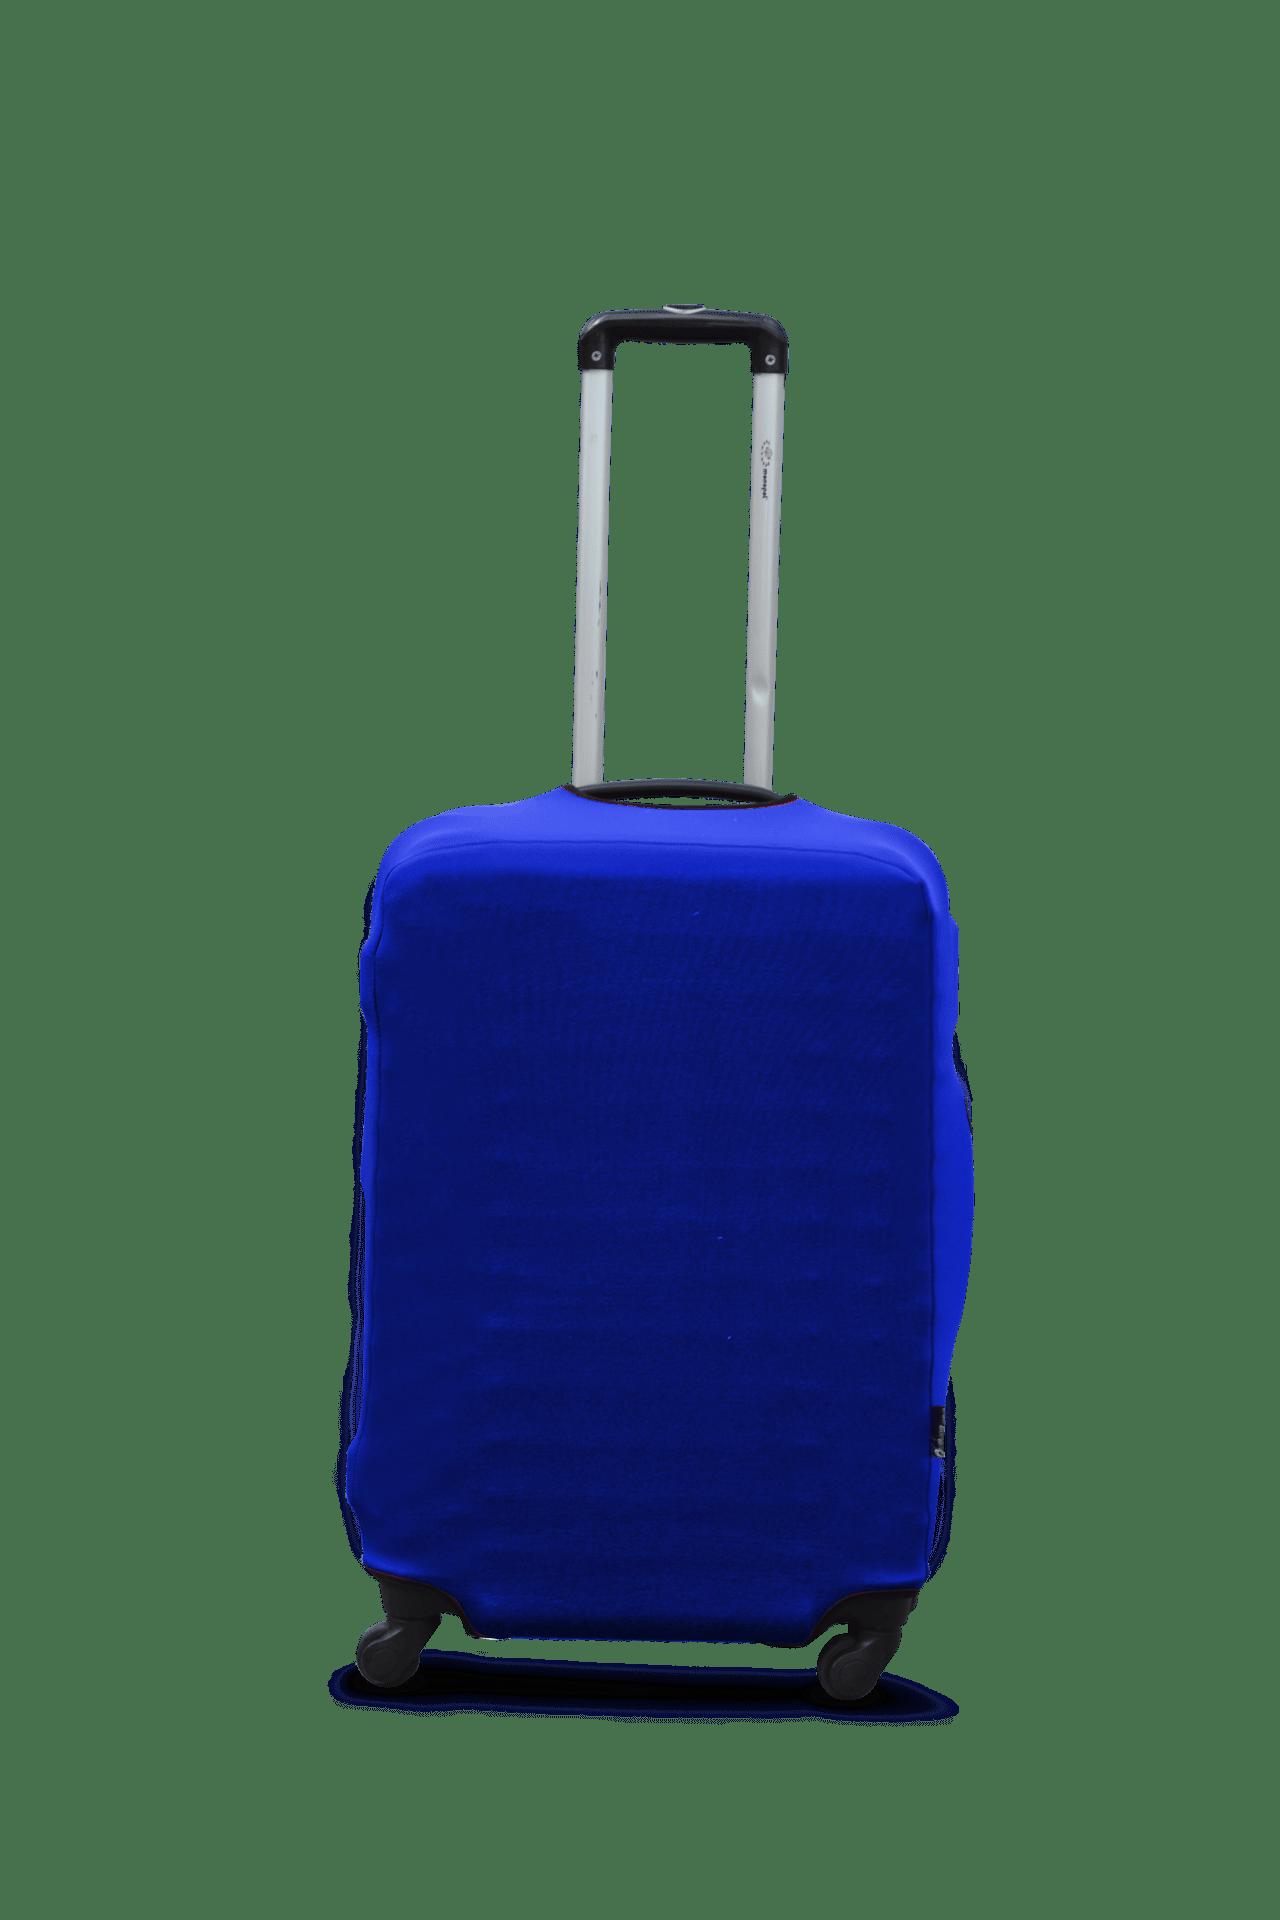 Husa pentru valiza daiving Cover DAWING S ELECTRO